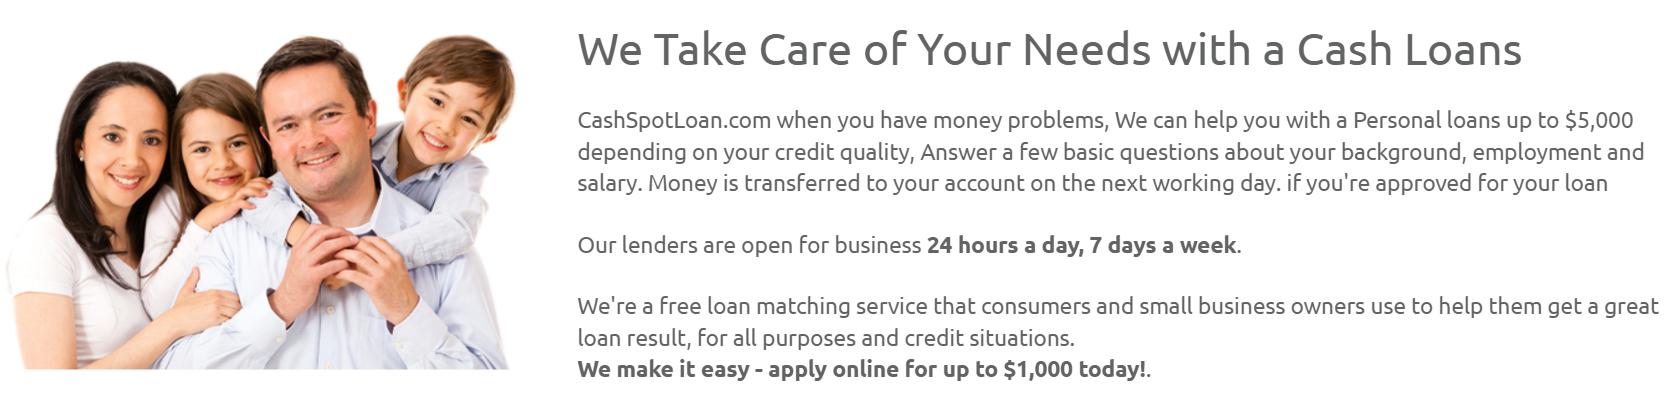 Payday loans roland oklahoma photo 2